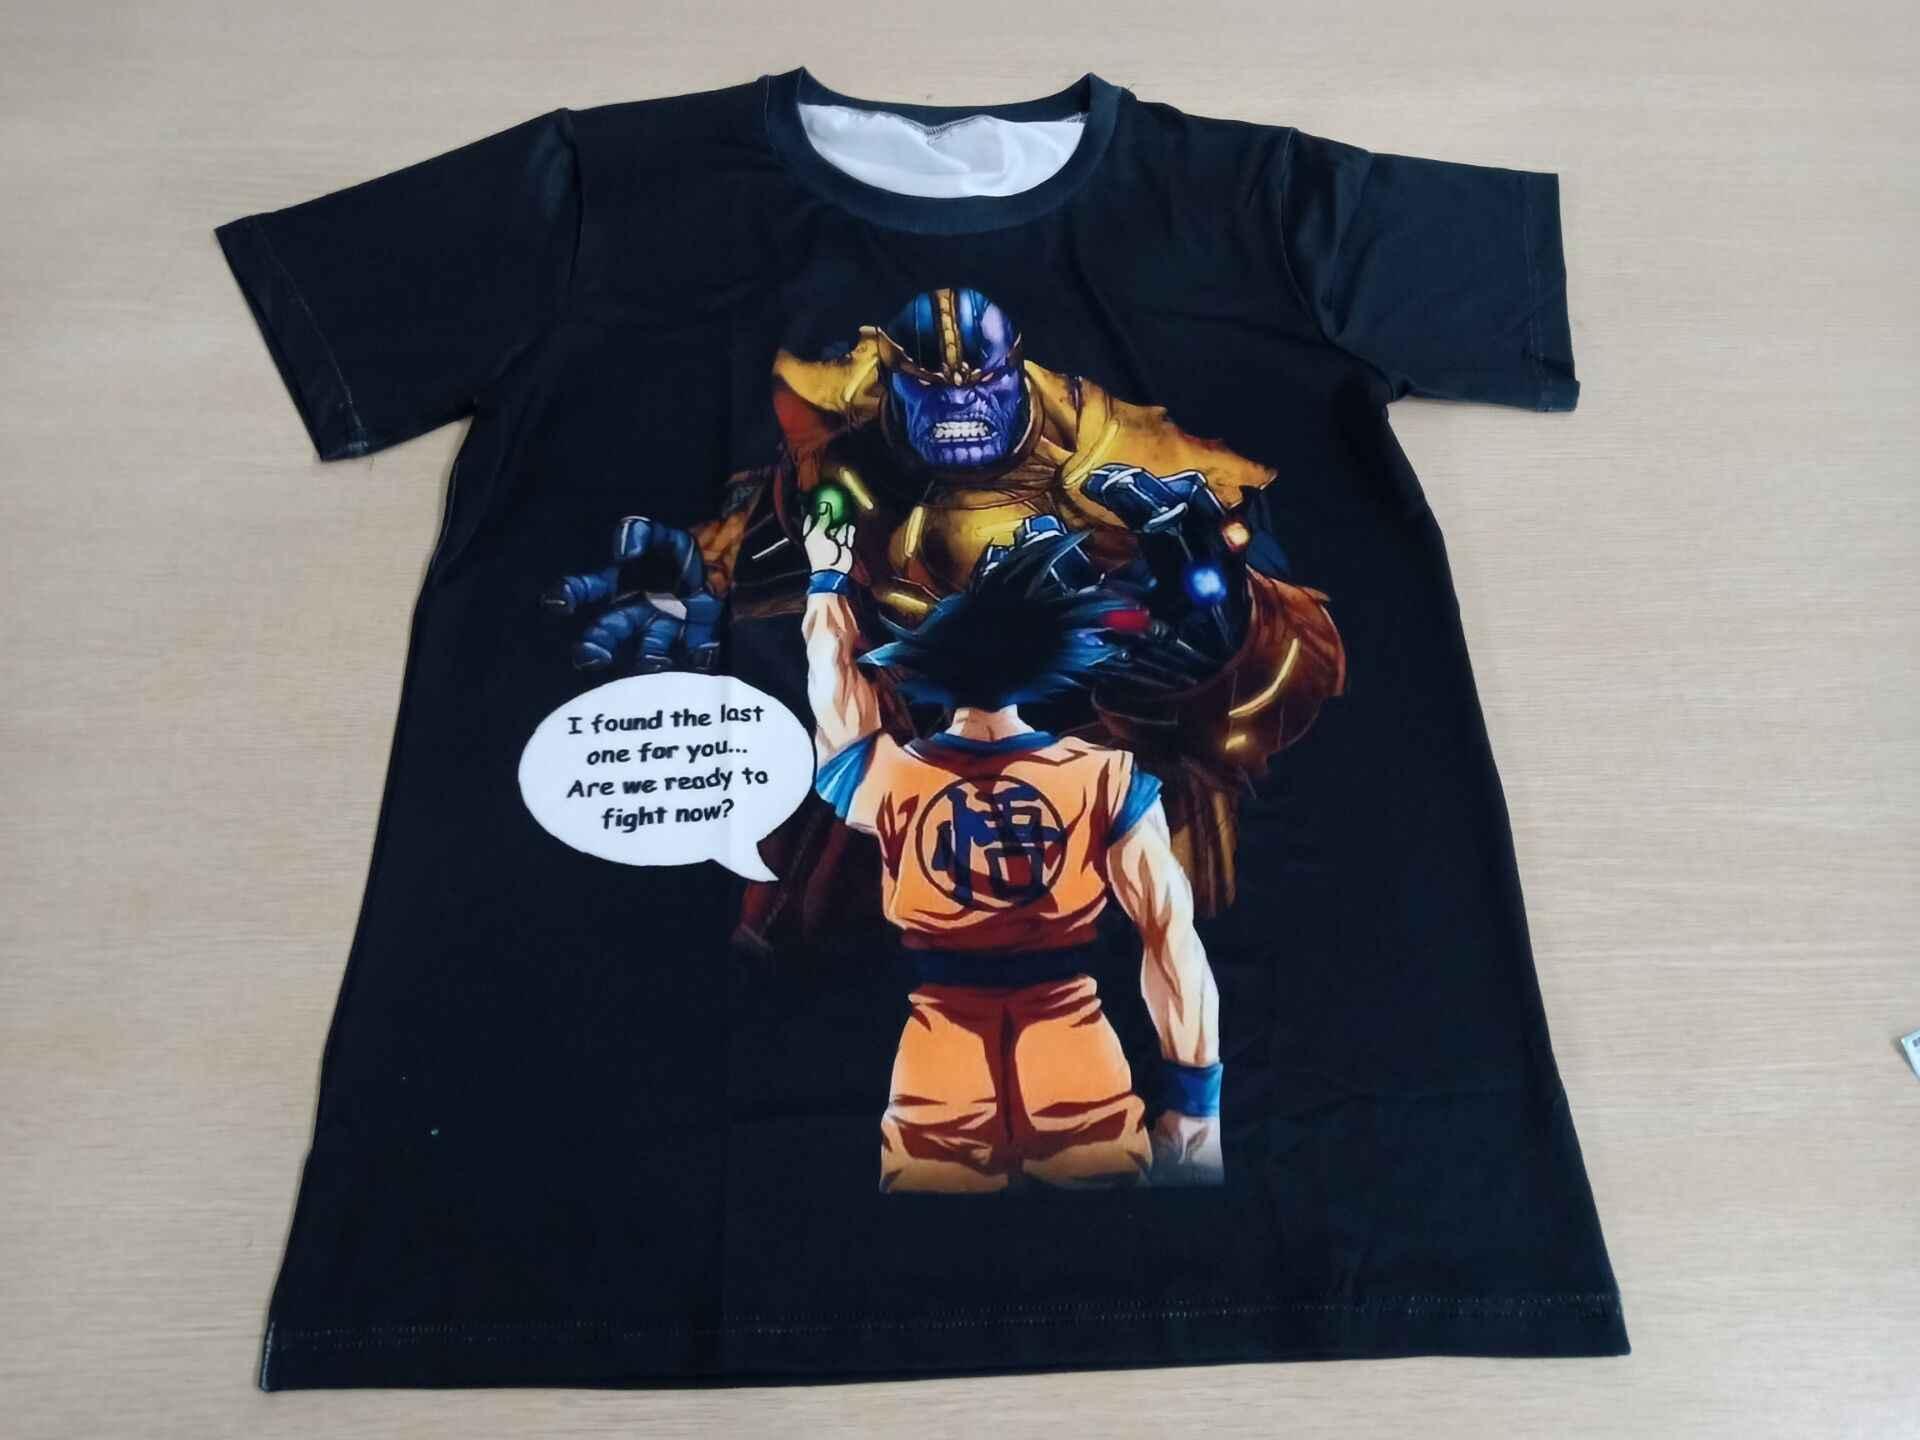 Облако 3D футболка Для мужчин танос Dragon Ball и super Goku 3D с полной запечаткой, креативная смешная футболка летний топ уличная мода